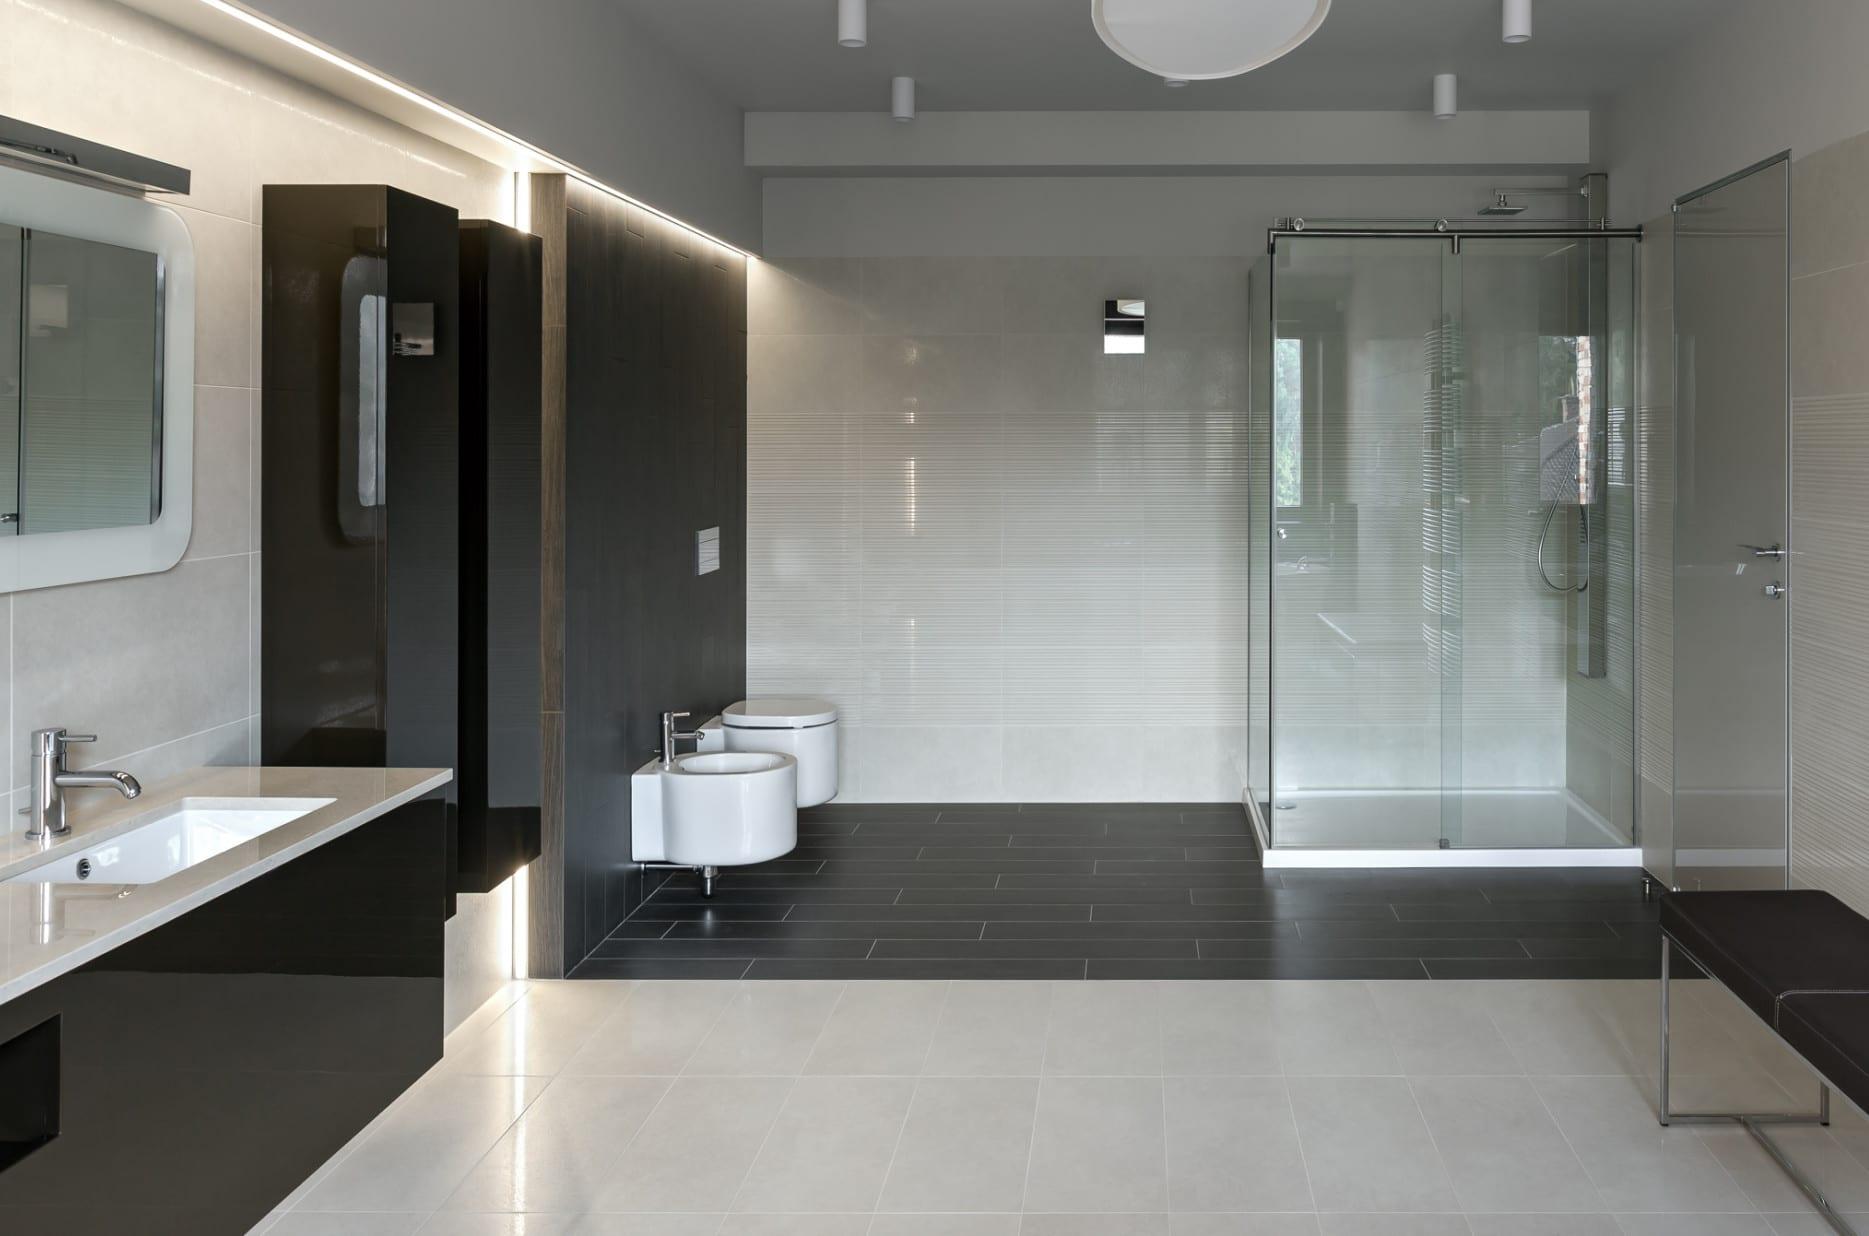 Bodenfliesen im Badezimmer  die Trends 2016  fresHouse